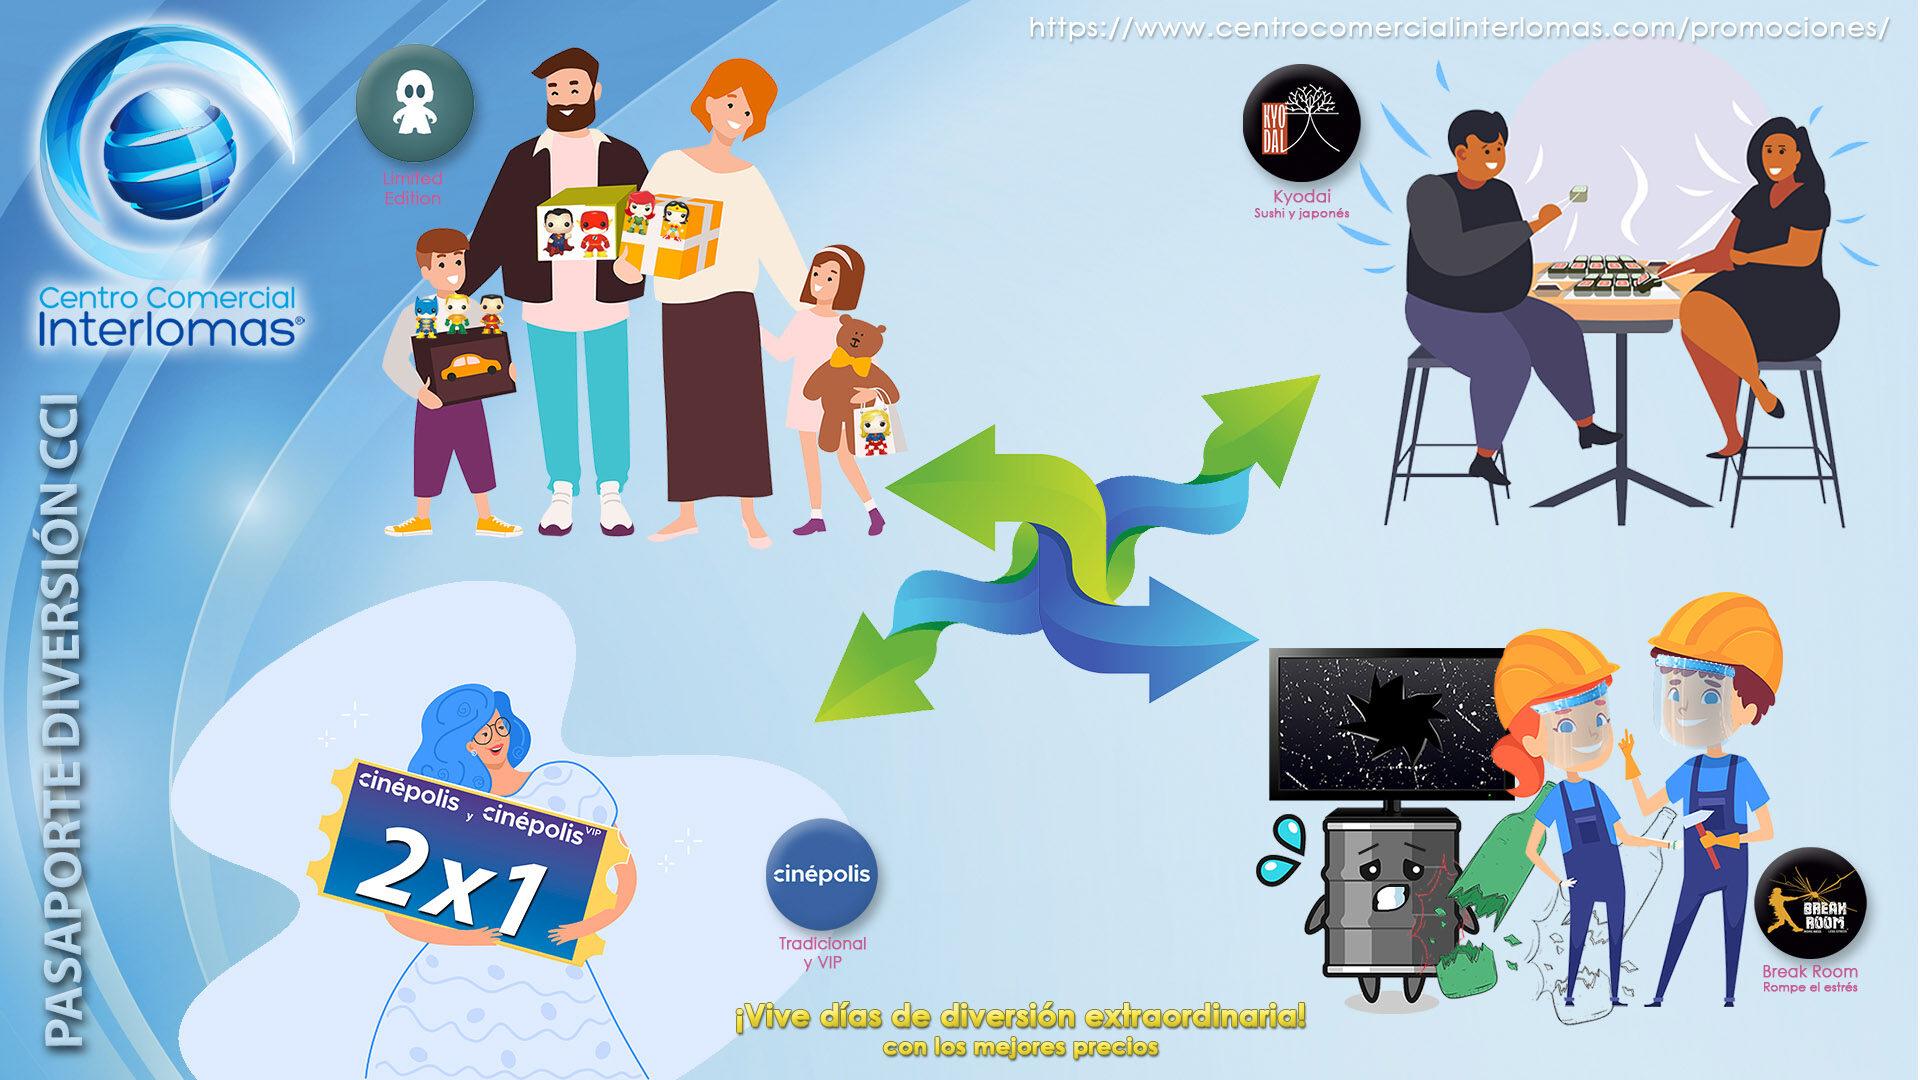 2021-09-30 BASE PARA PANTALLA EXPERIENCIAS CCI PERSONAS EXPERIENCIAS